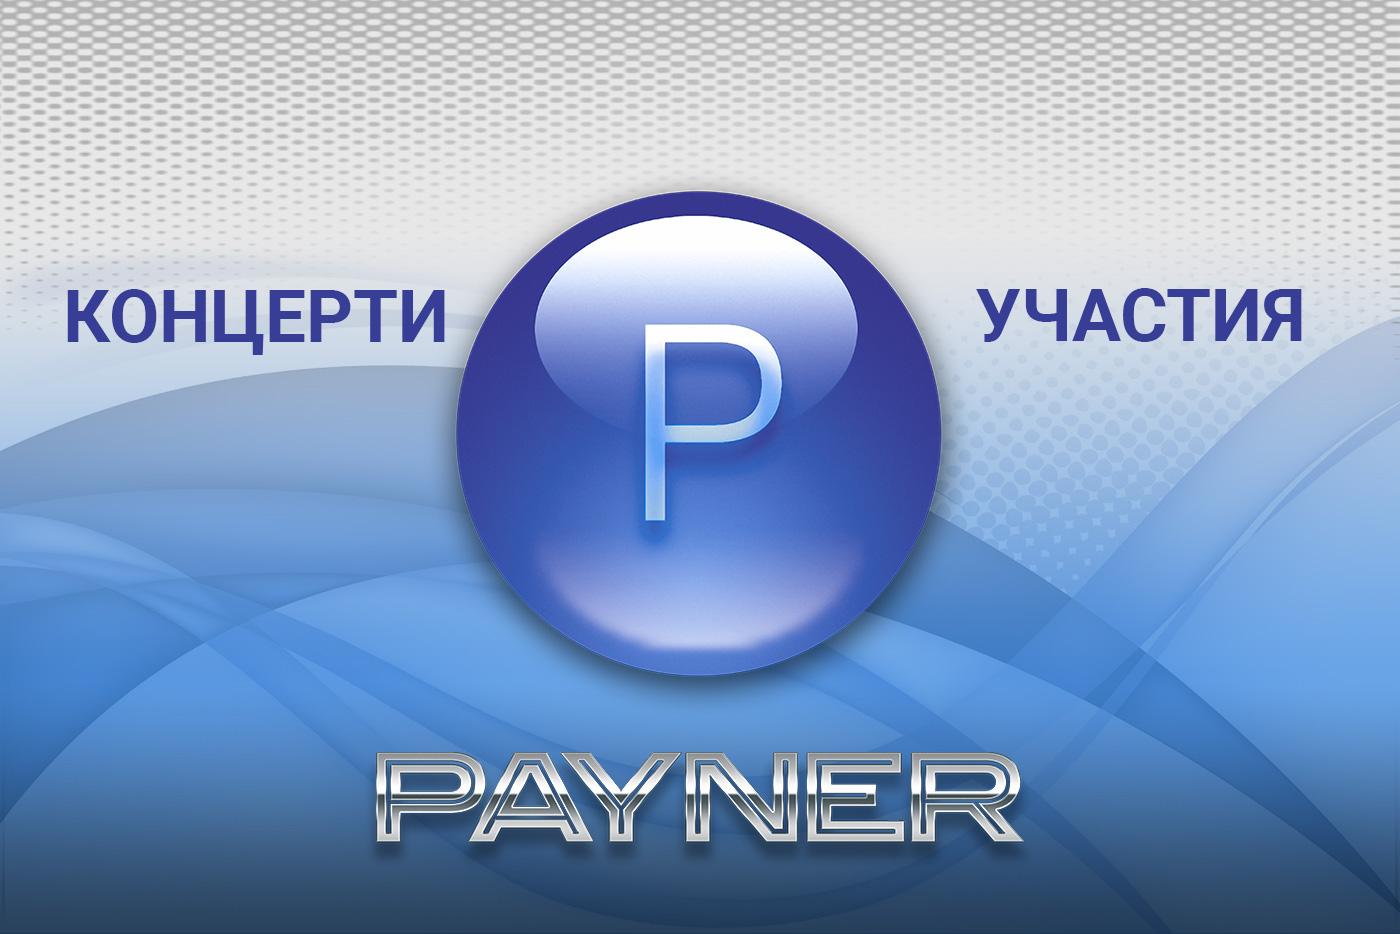 """Участия на звездите на """"Пайнер"""" на 12.08.2019"""